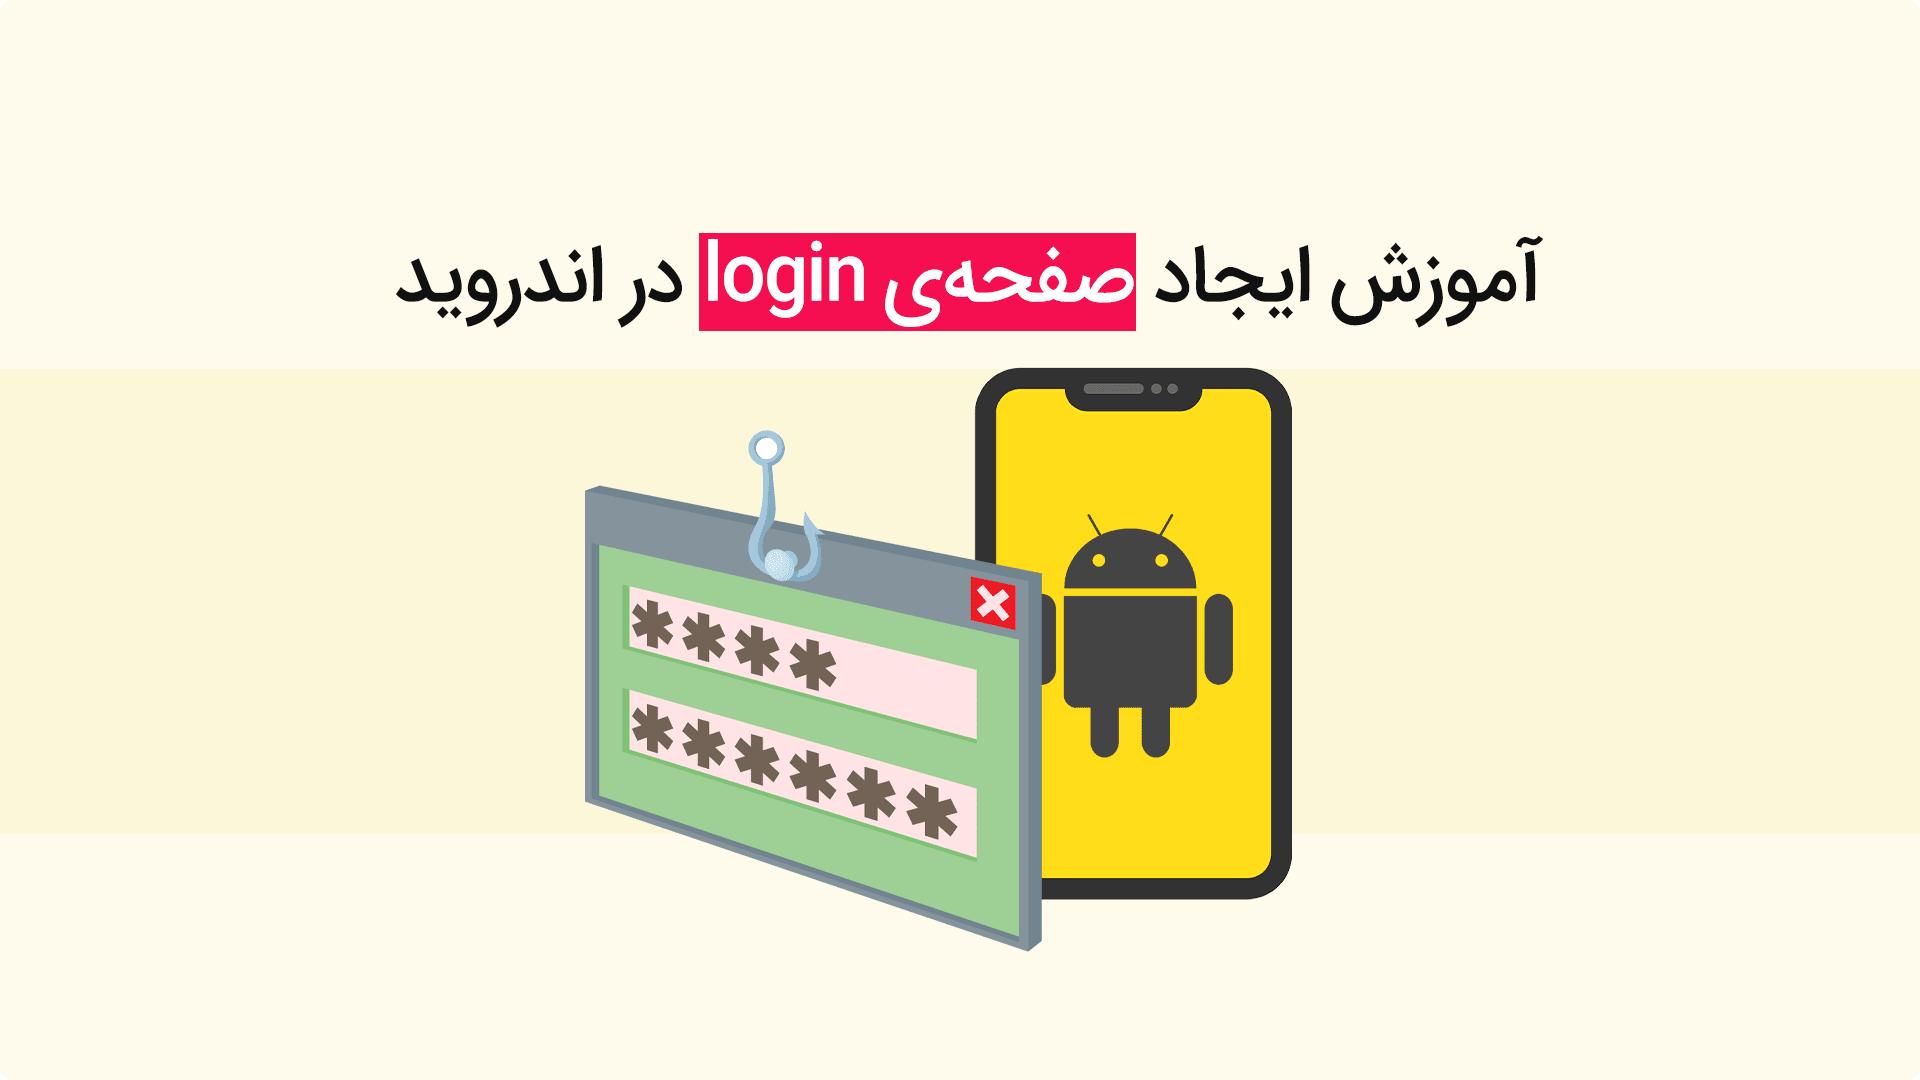 آموزش ساخت صفحه login در اندروید به همراه مثال عملی